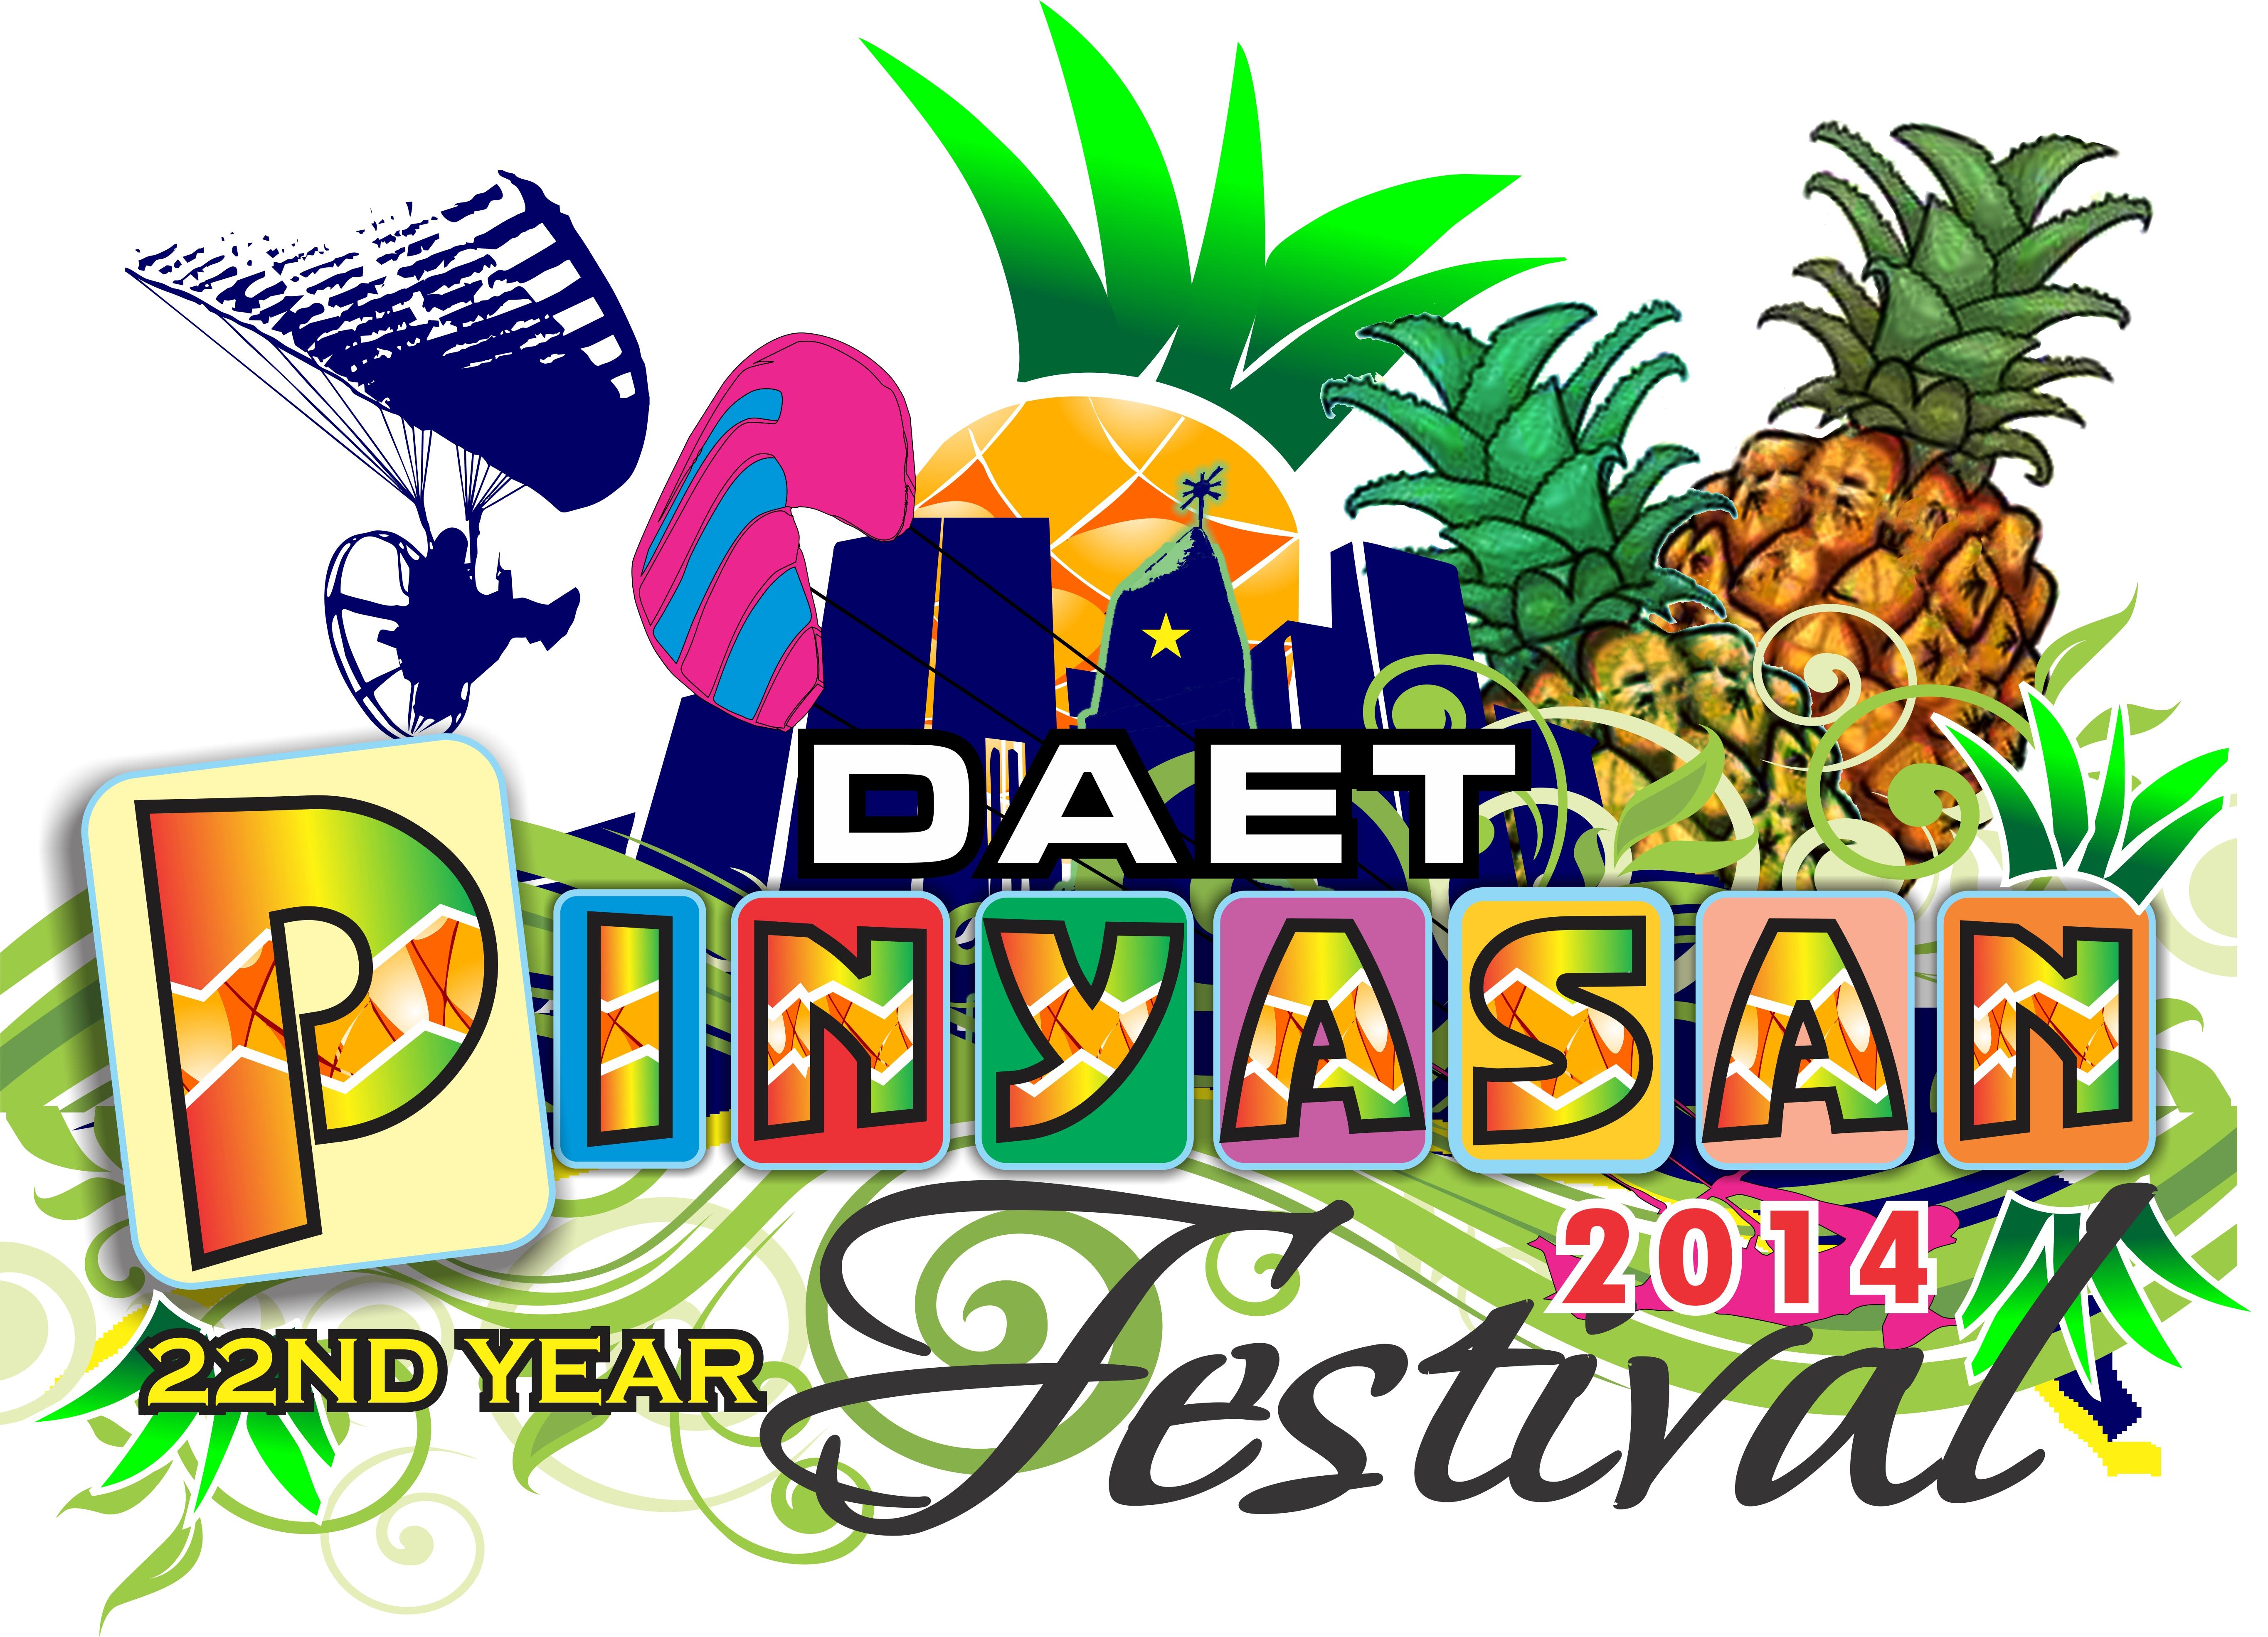 Festival clipart philippine Festival Daet's Discover 22nd